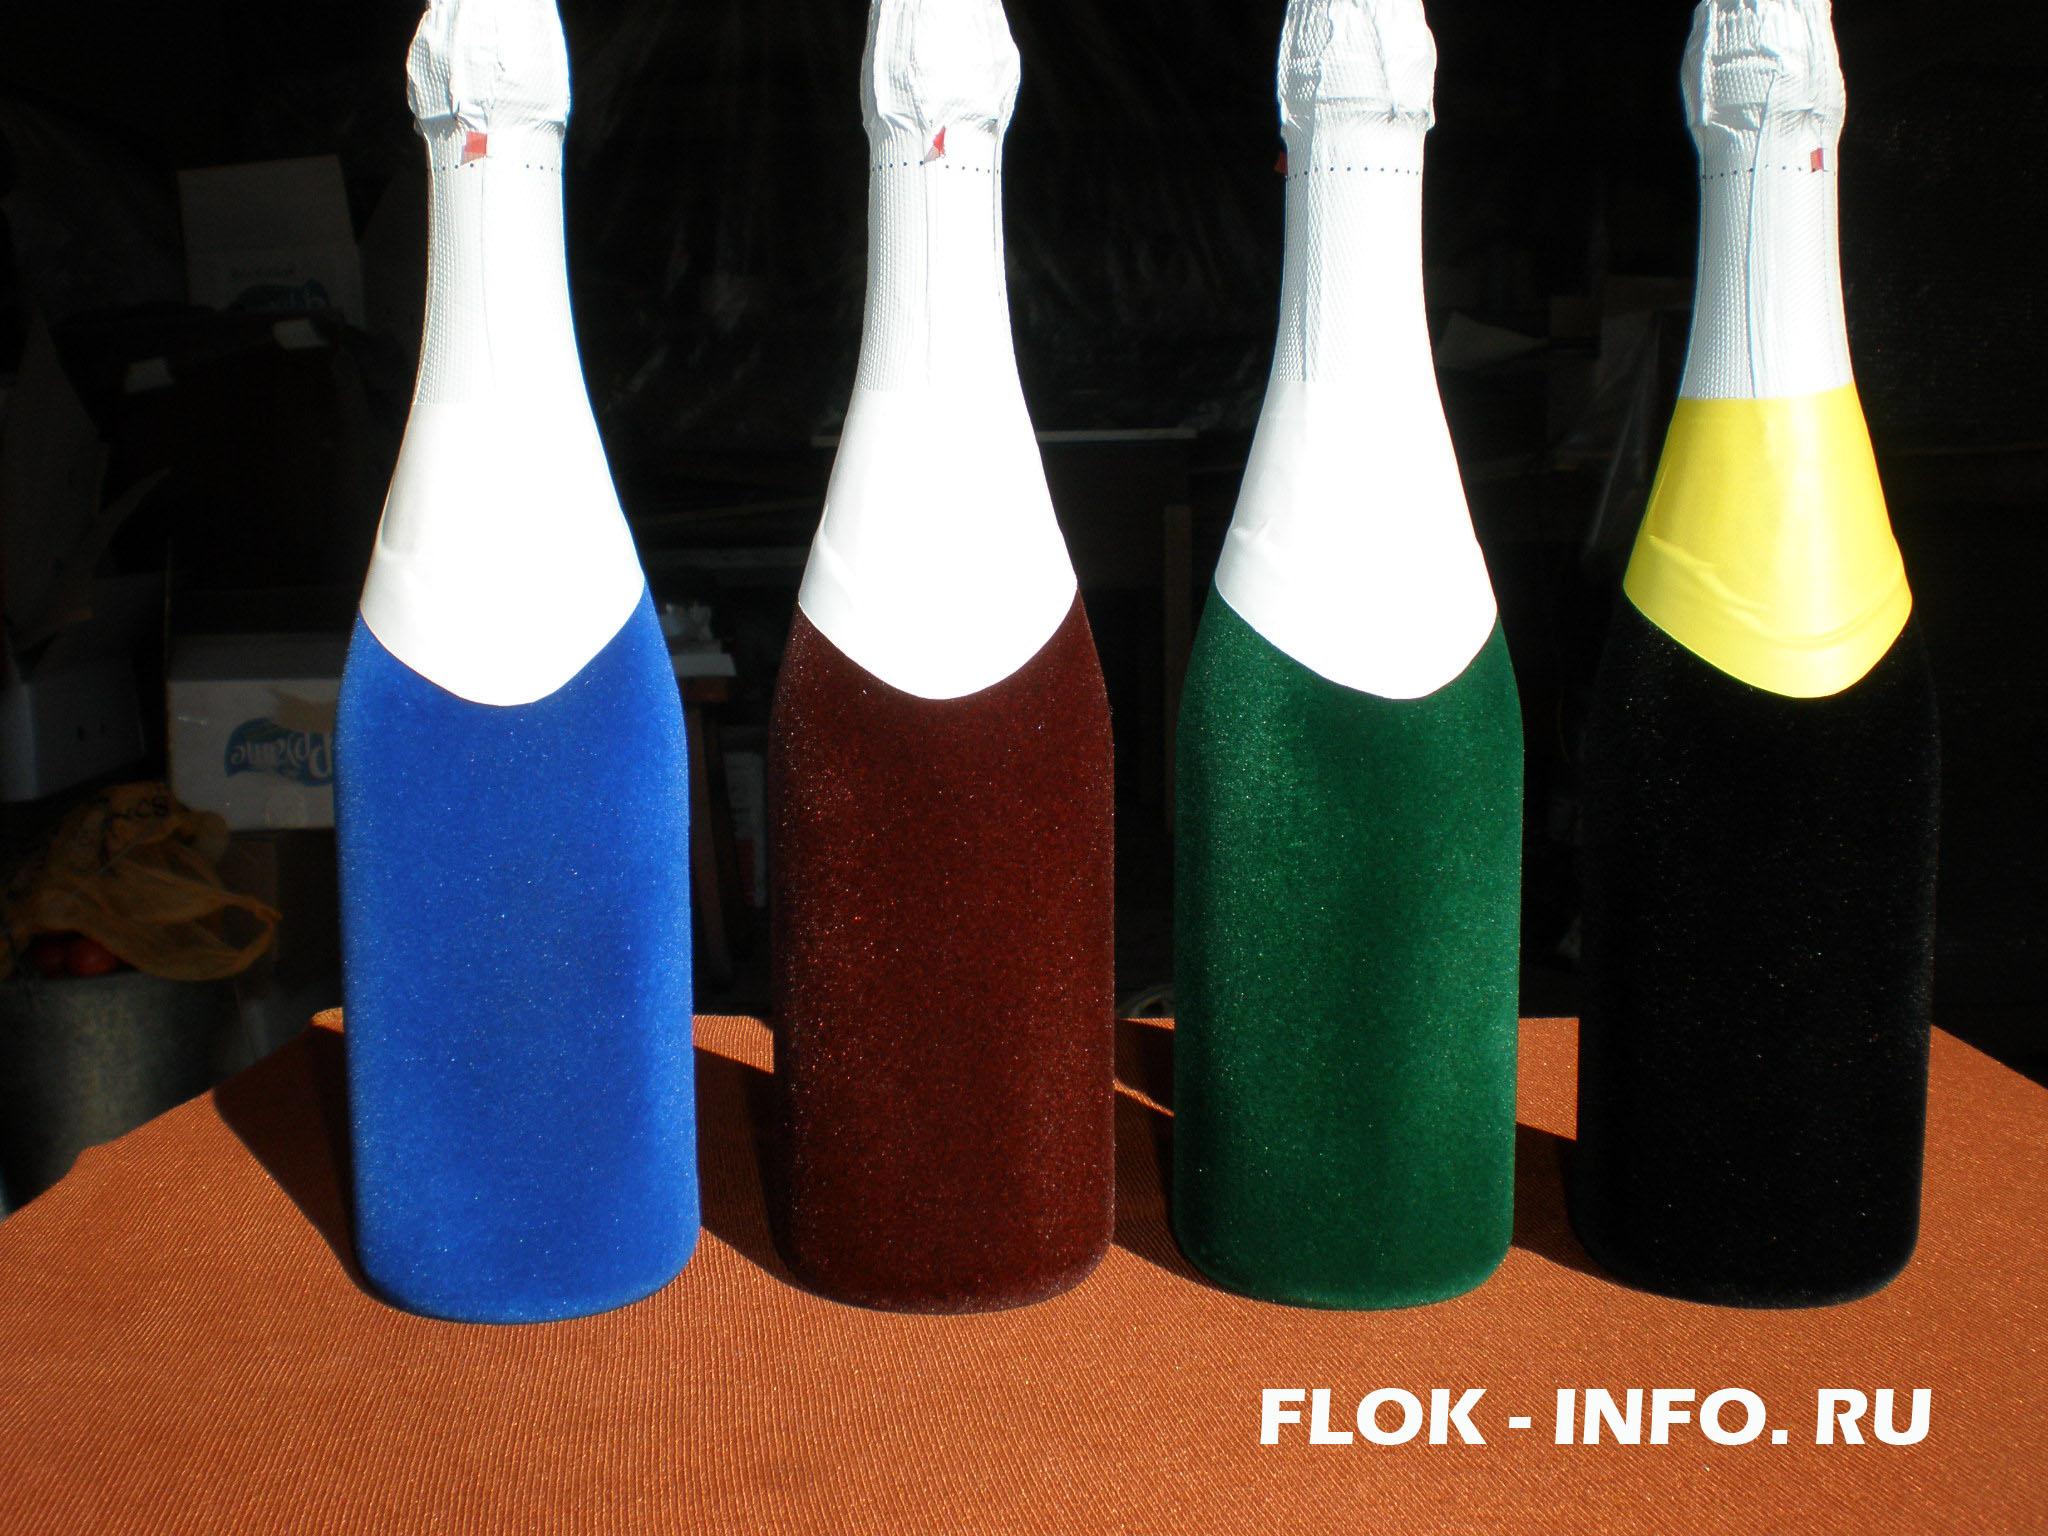 Фото бутылка в изде 16 фотография